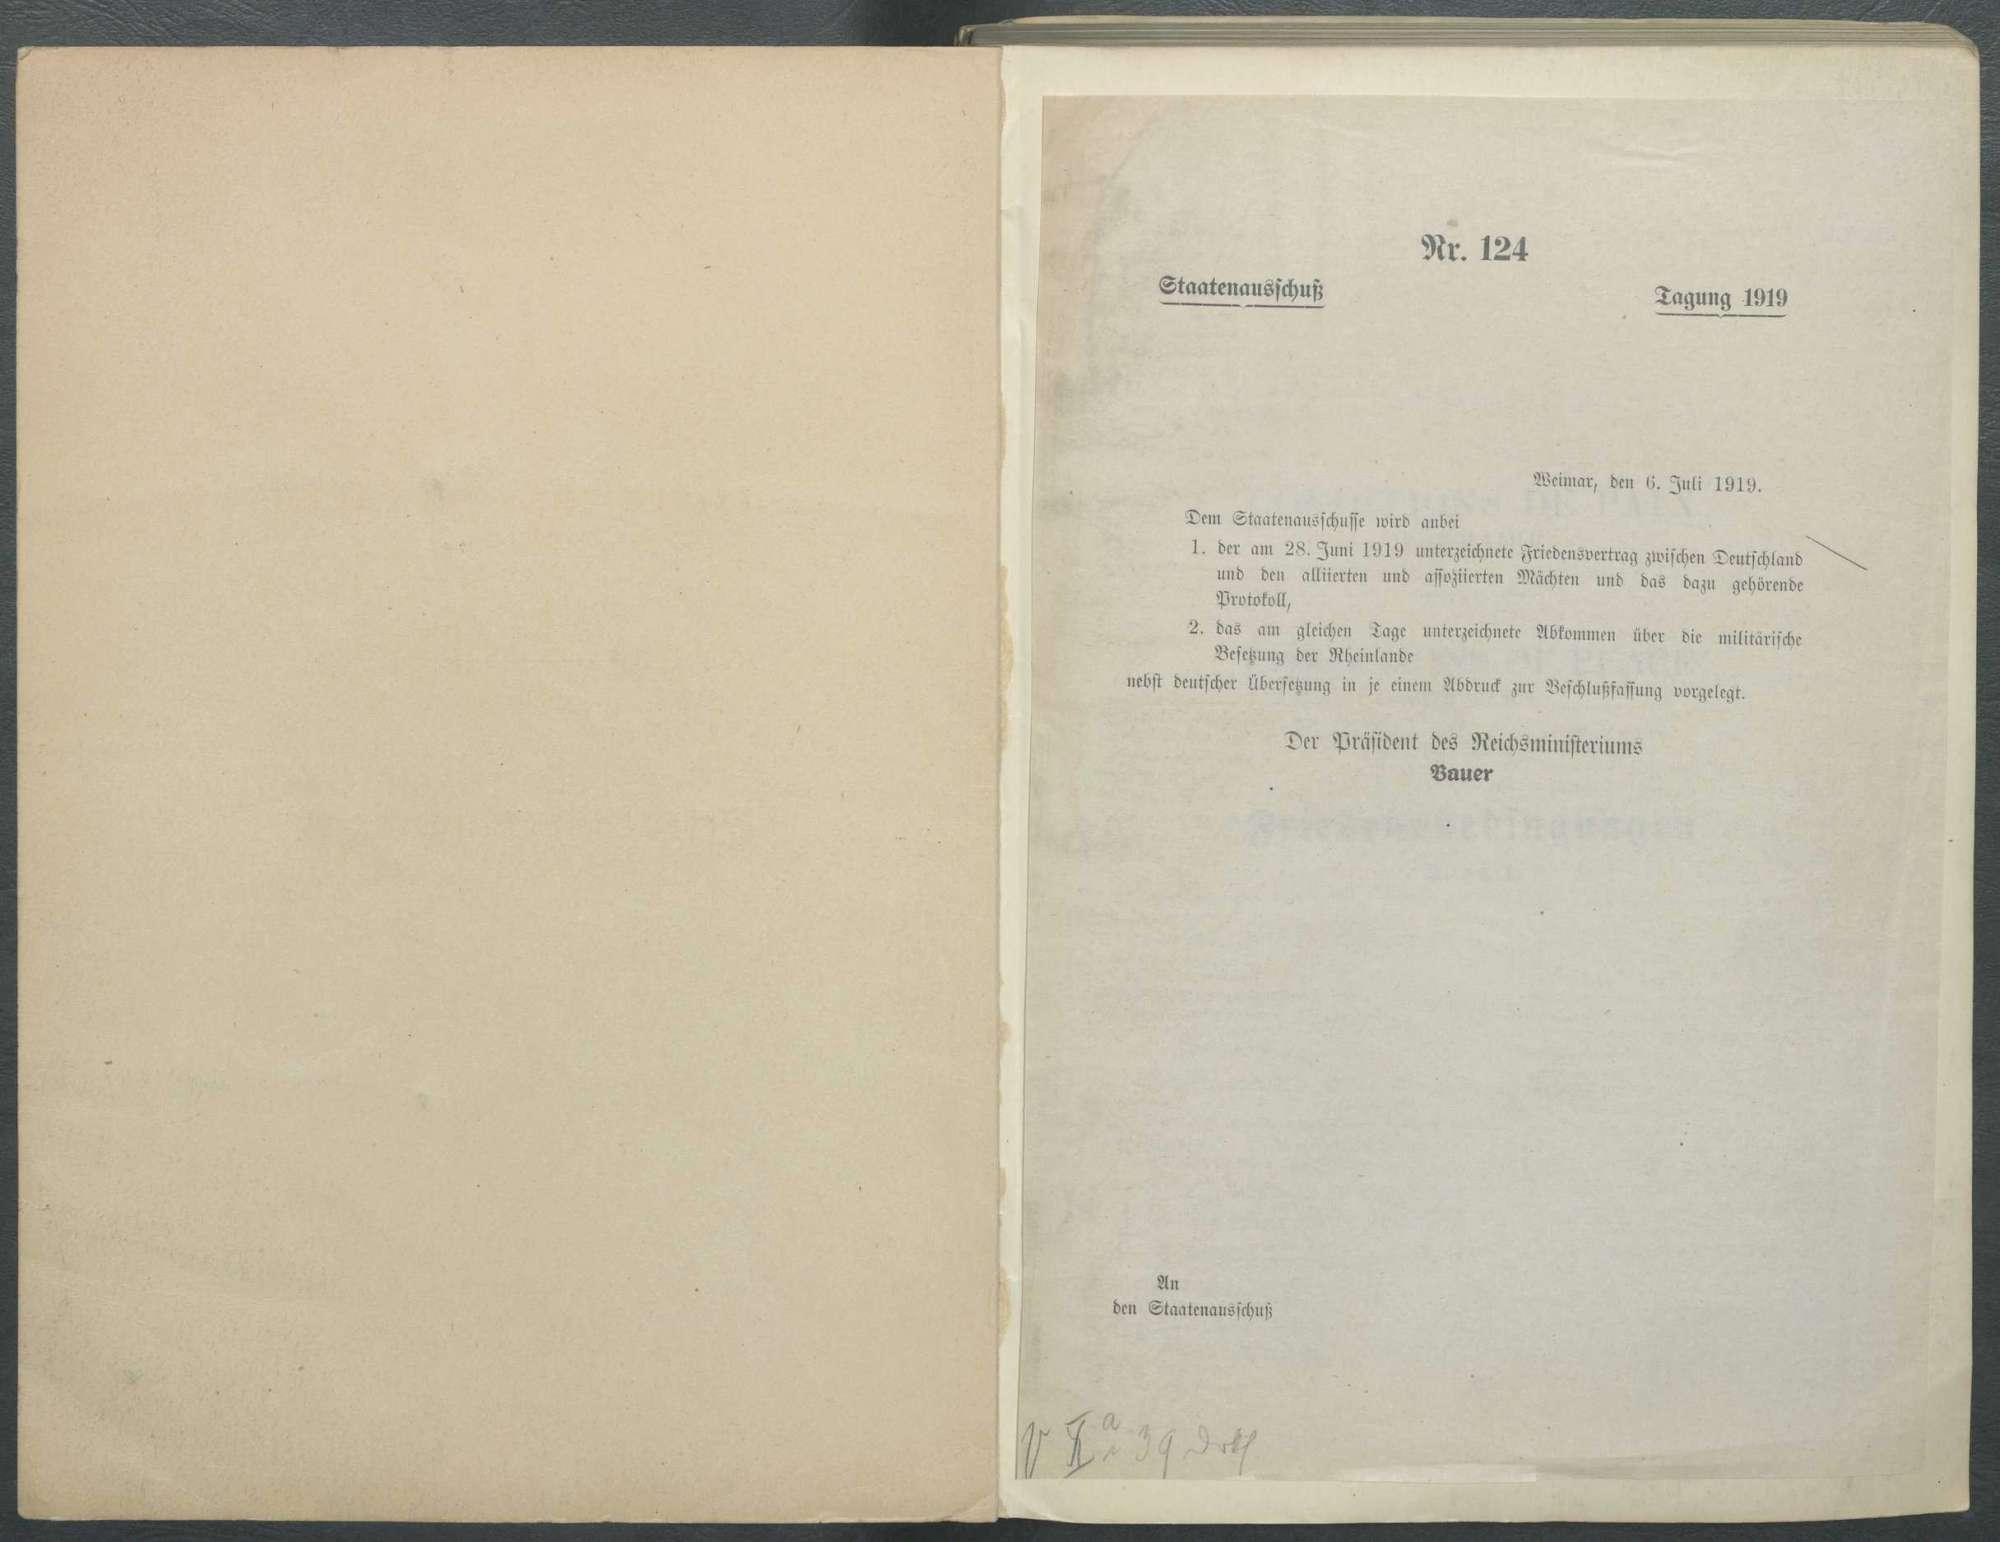 Wortlaut des Friedensvertrags von Versailles, Bild 2